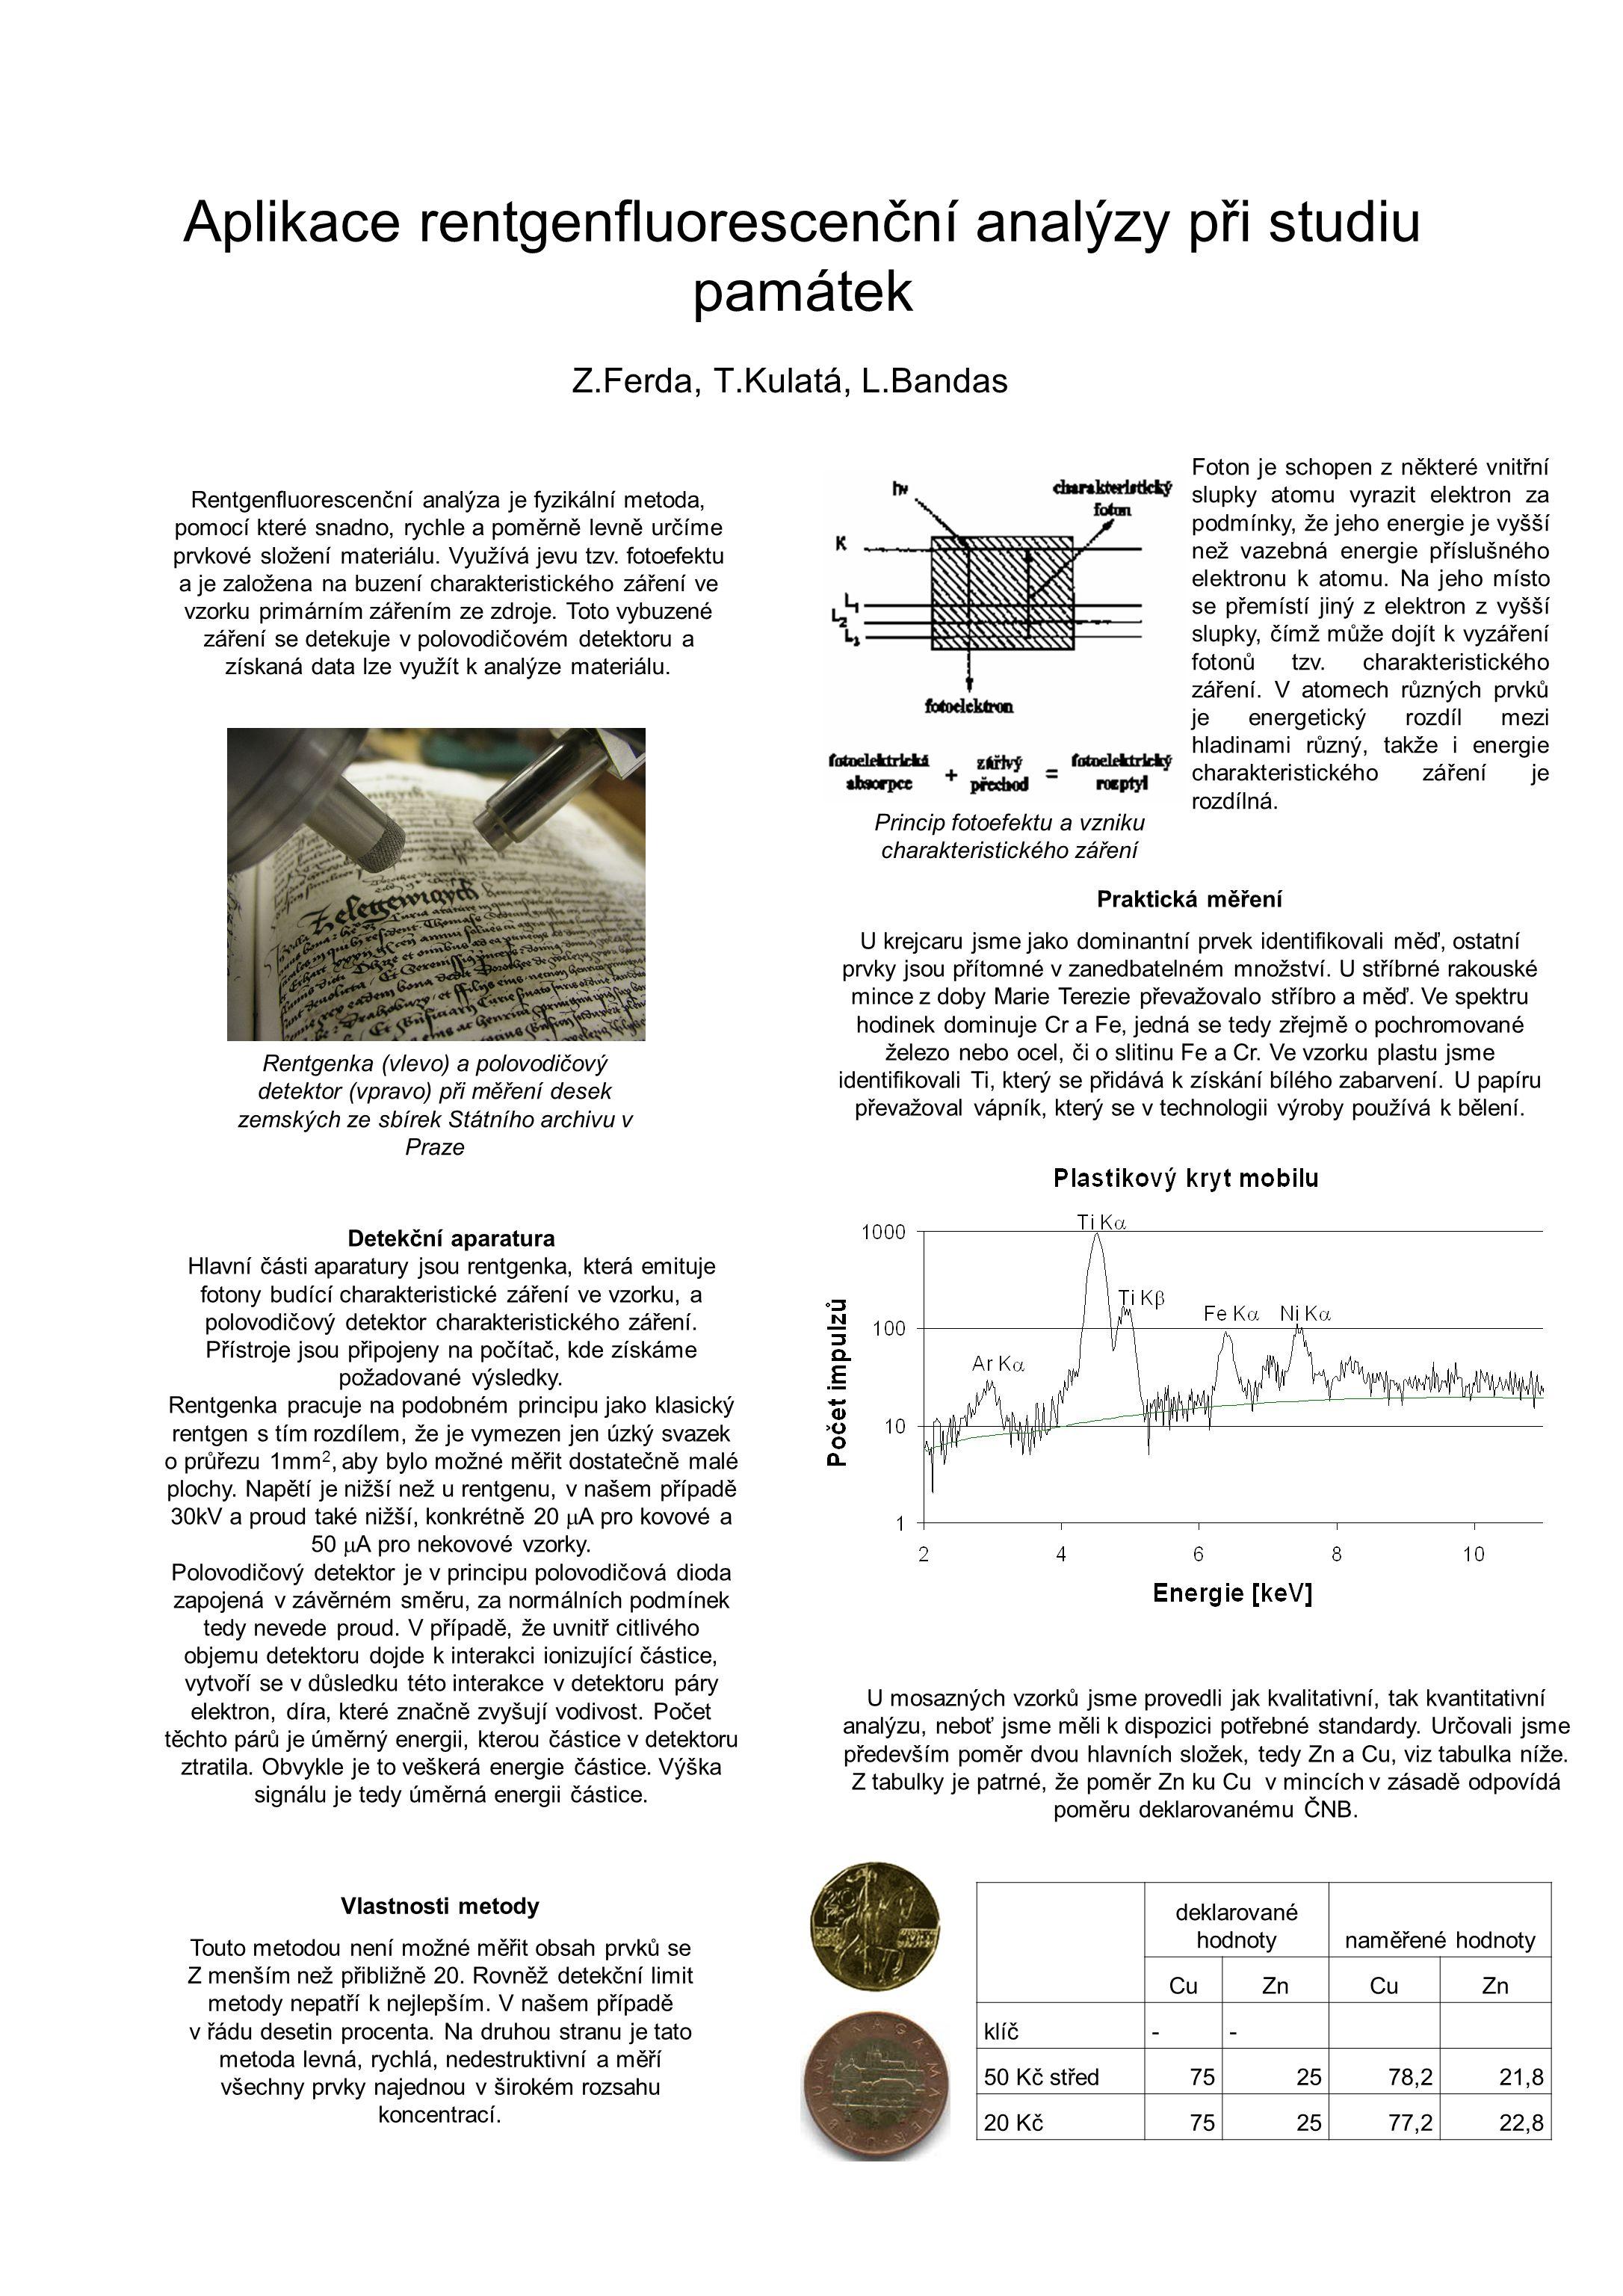 Aplikace rentgenfluorescenční analýzy při studiu památek Z.Ferda, T.Kulatá, L.Bandas Rentgenfluorescenční analýza je fyzikální metoda, pomocí které snadno, rychle a poměrně levně určíme prvkové složení materiálu.